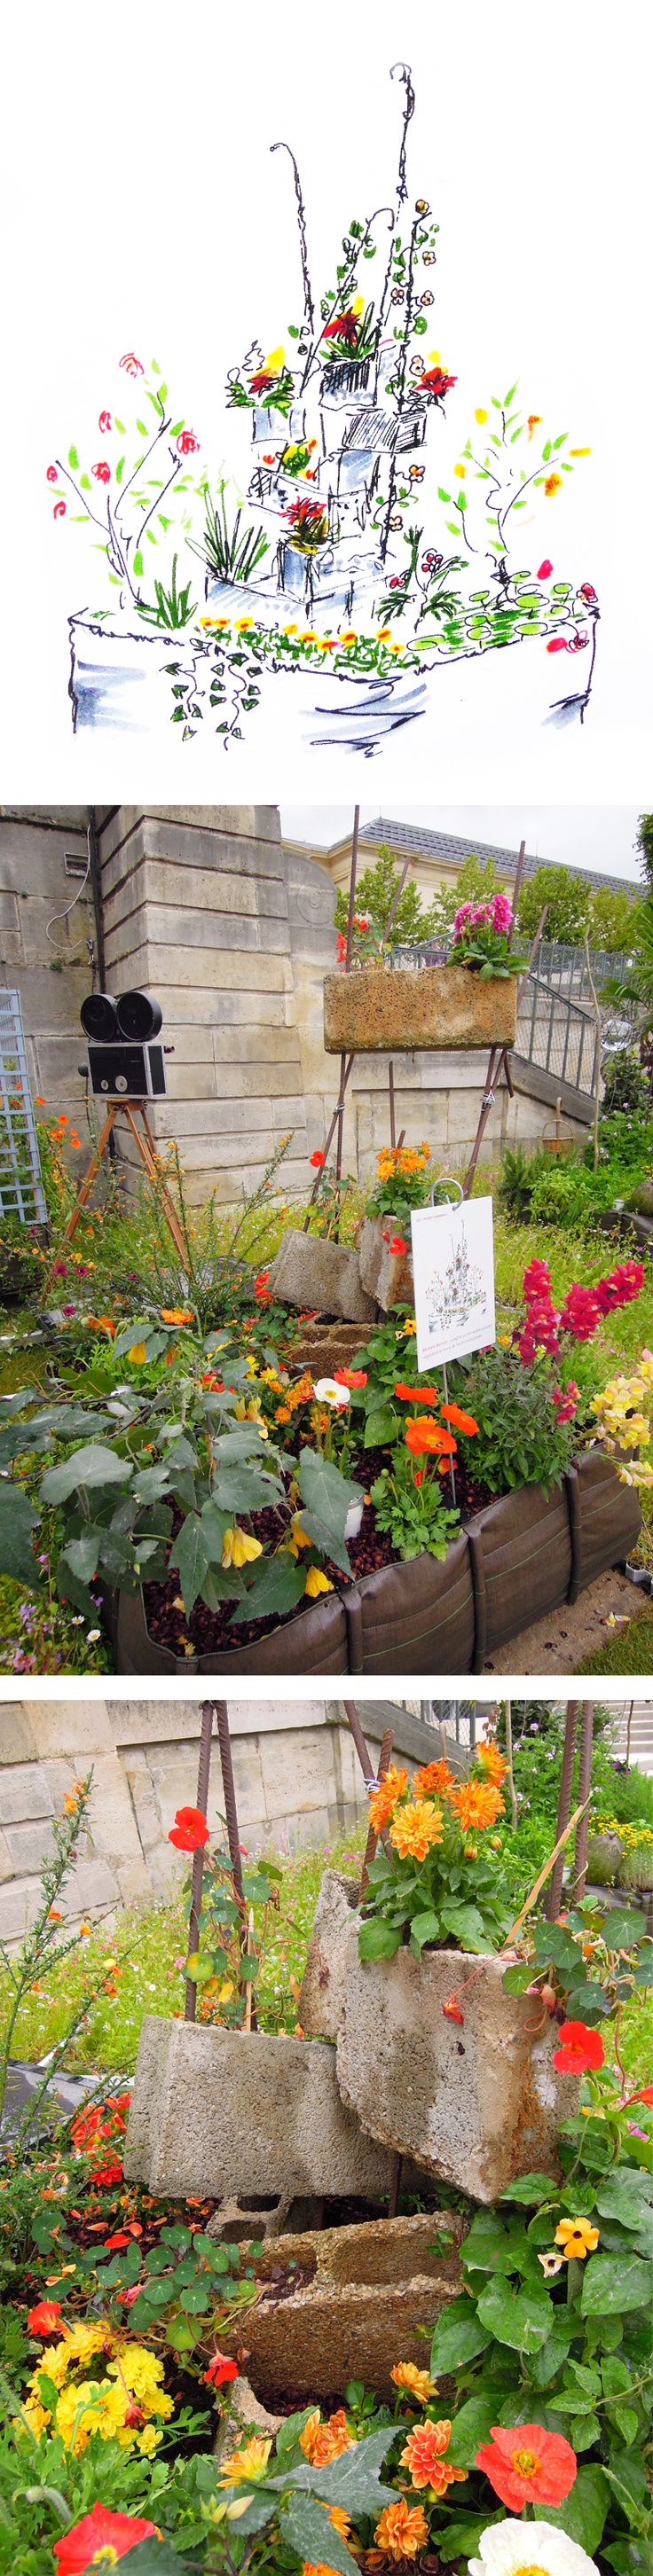 af3b95375f9770761248834fb030bf34--pockets Meilleur De De Boule Deco Jardin Des Idées